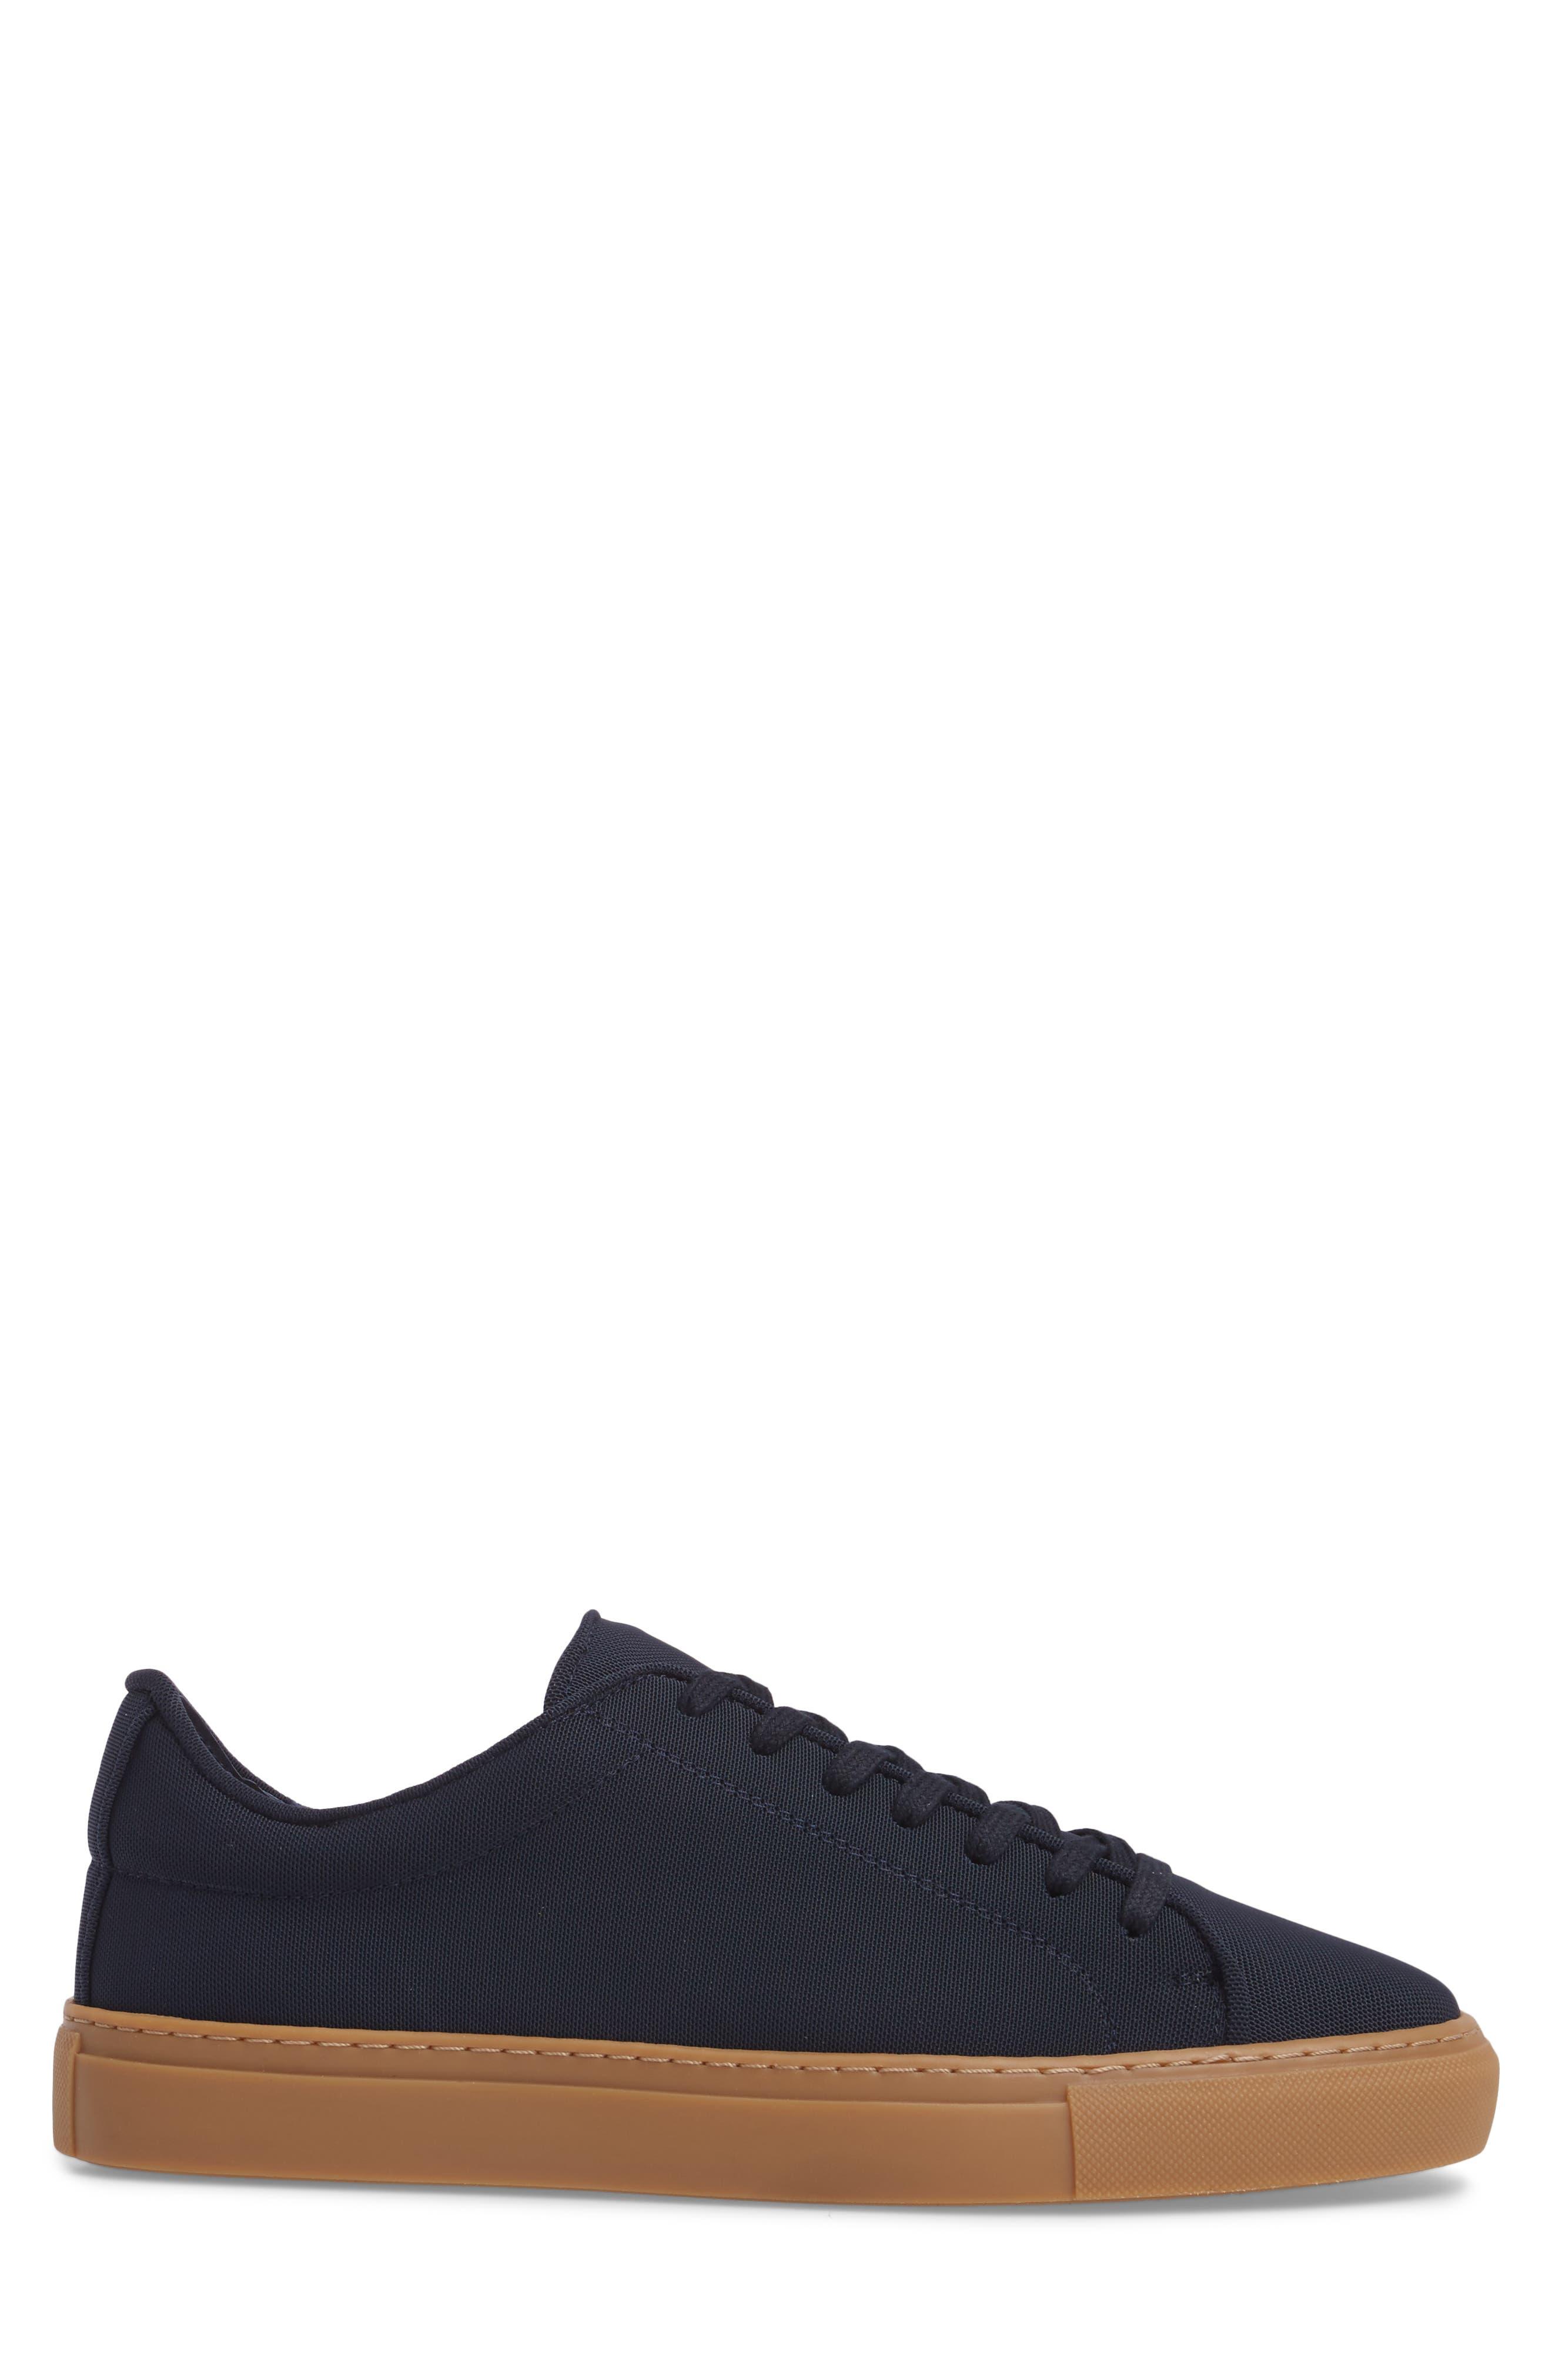 Dylan Sneaker,                             Alternate thumbnail 3, color,                             Navy